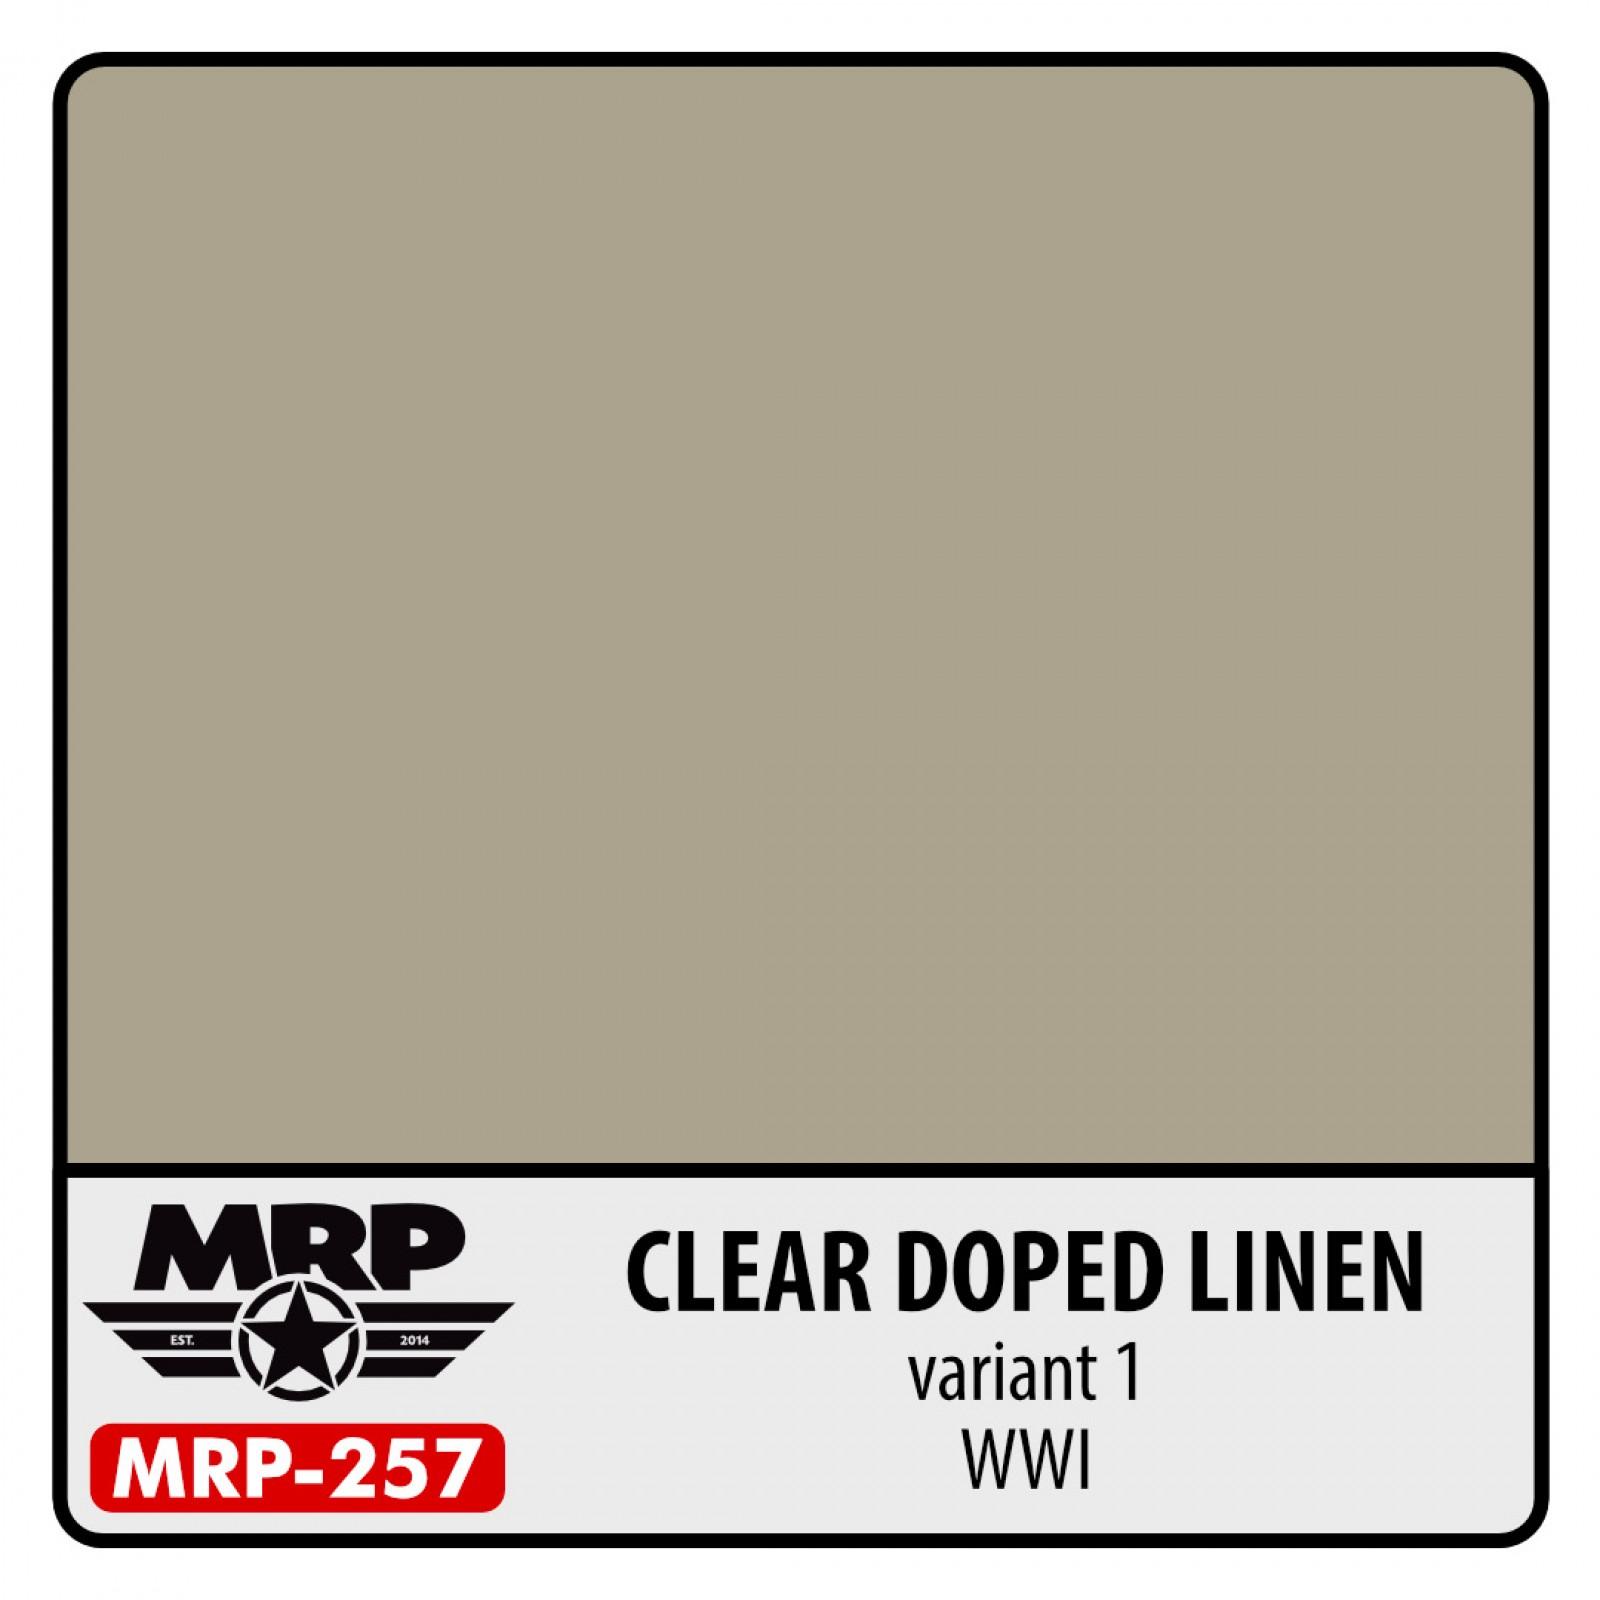 MRP-257    CDL  Variant 1